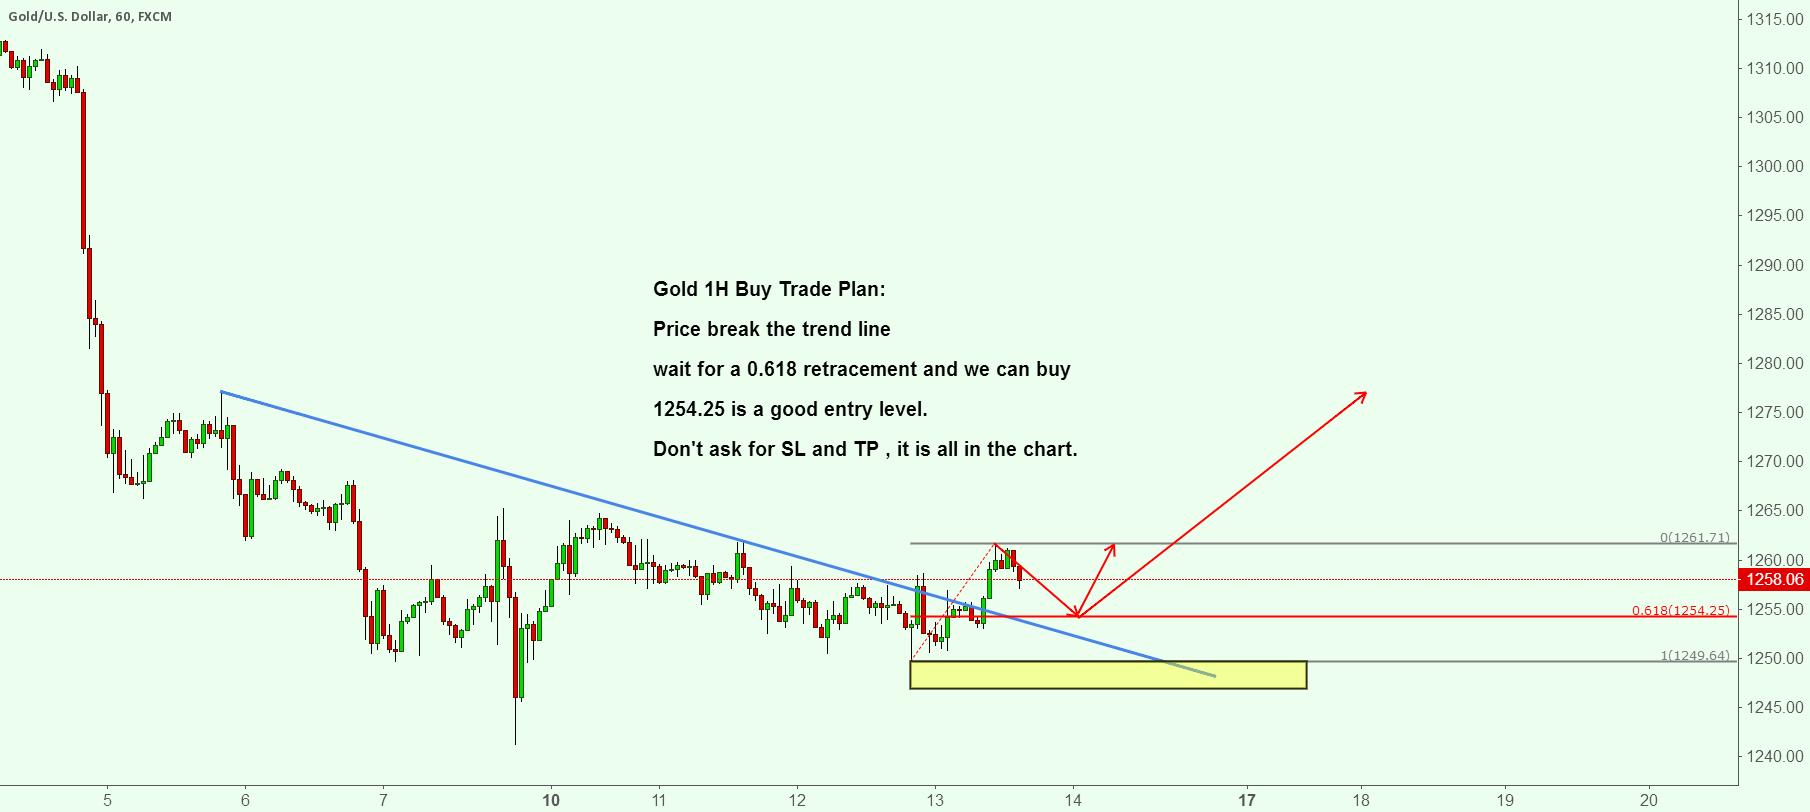 Gold 1H Buy Trade Plan: